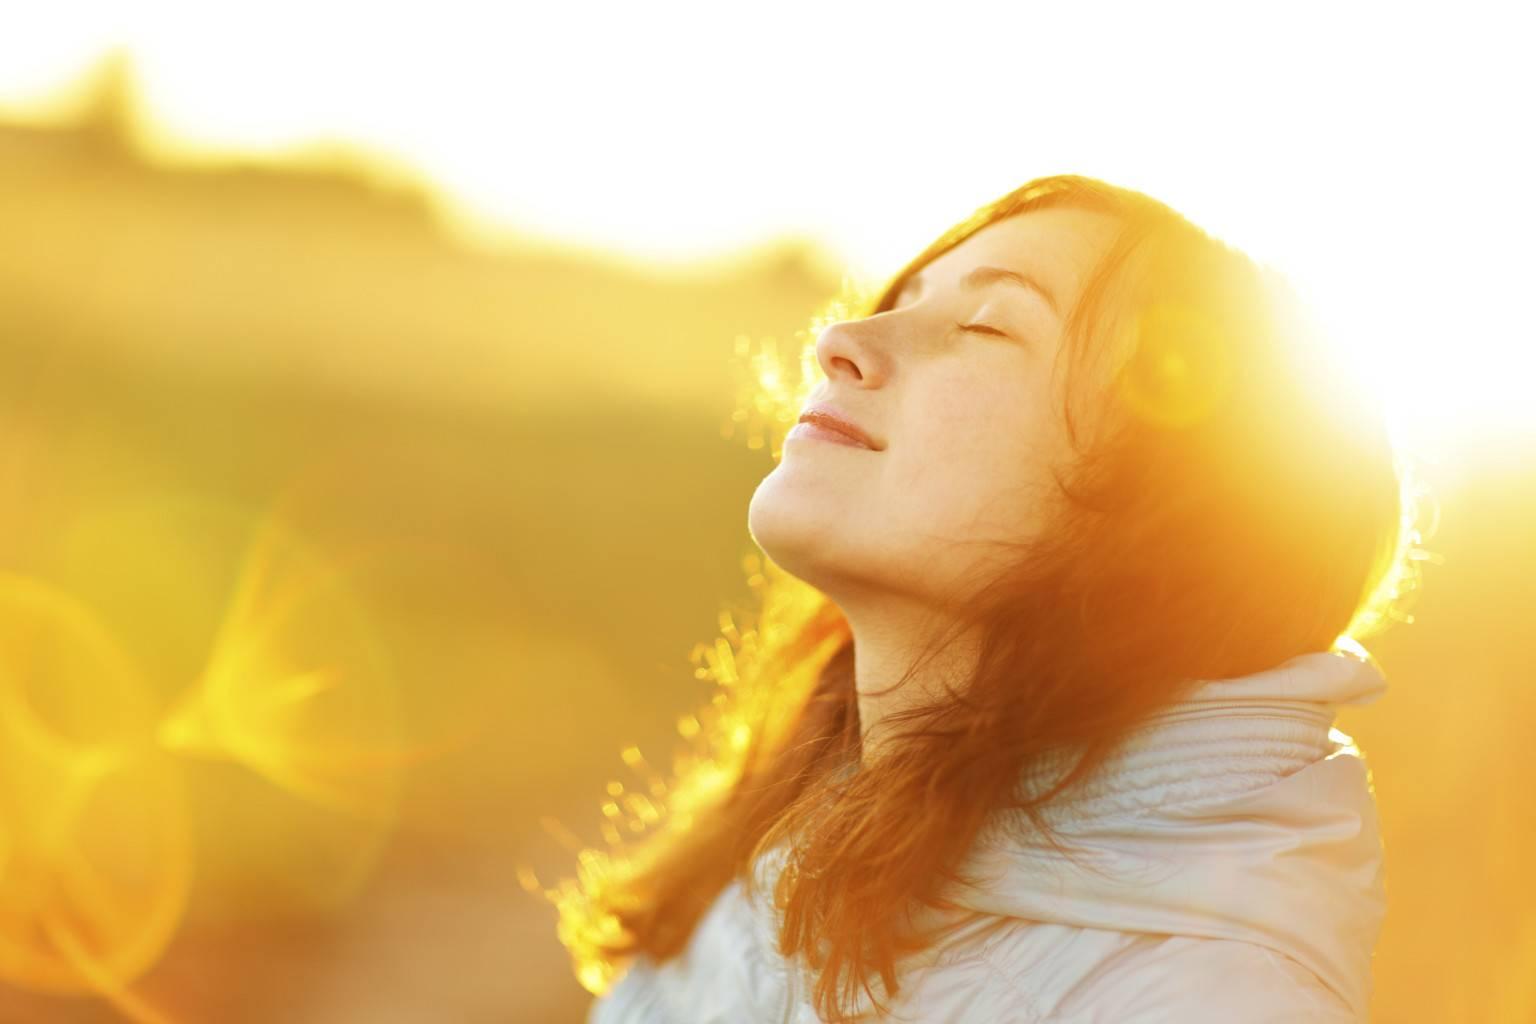 كيف تجعل يومك أكثر سعادة، ثقف نفسك